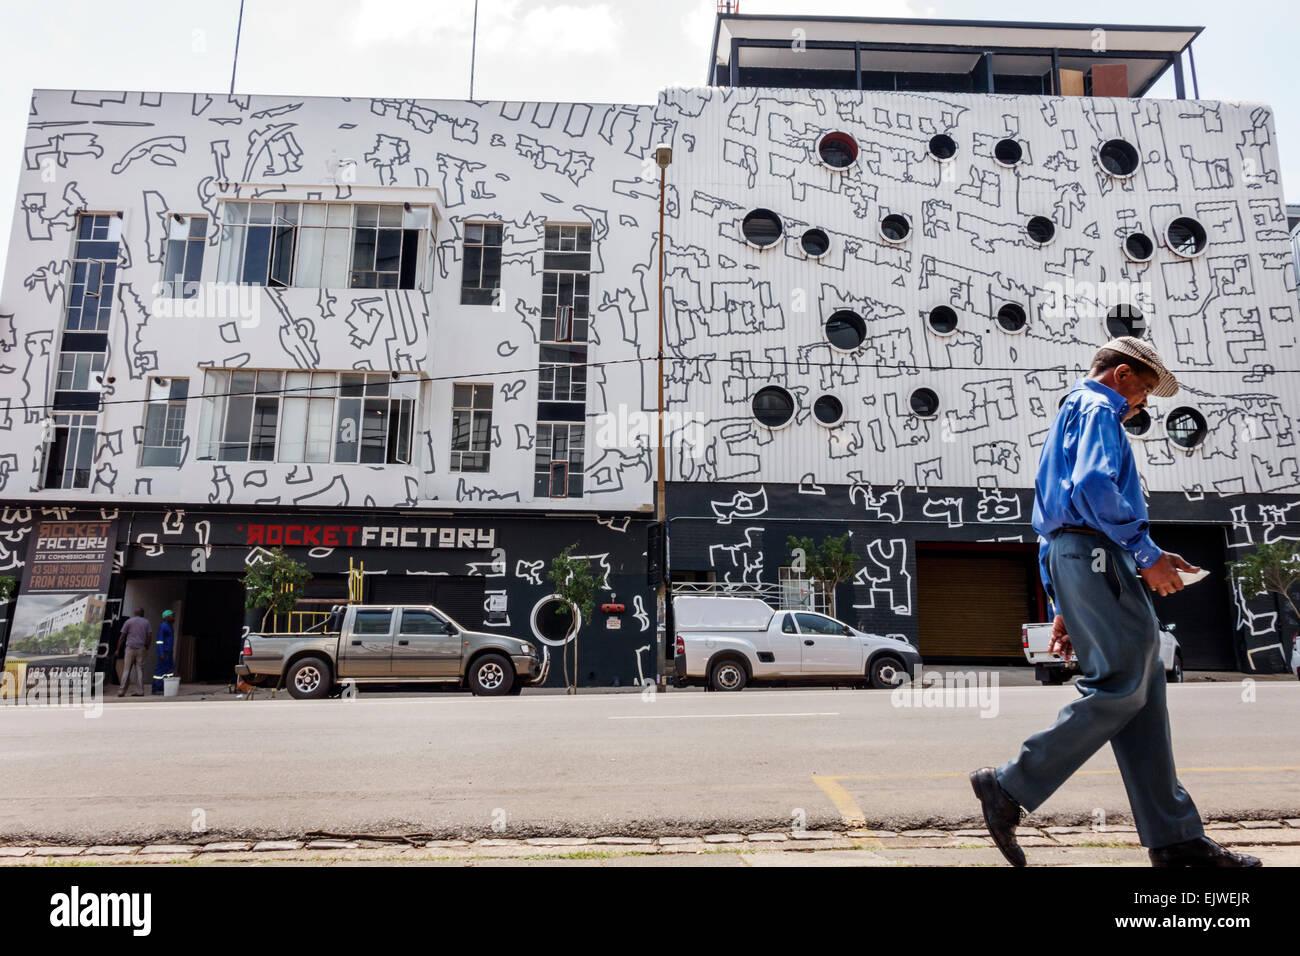 Afrique Afrique du Sud Johannesburg Maboneng Commissaire de district Street Arts on Main embourgeoisés quartier Photo Stock